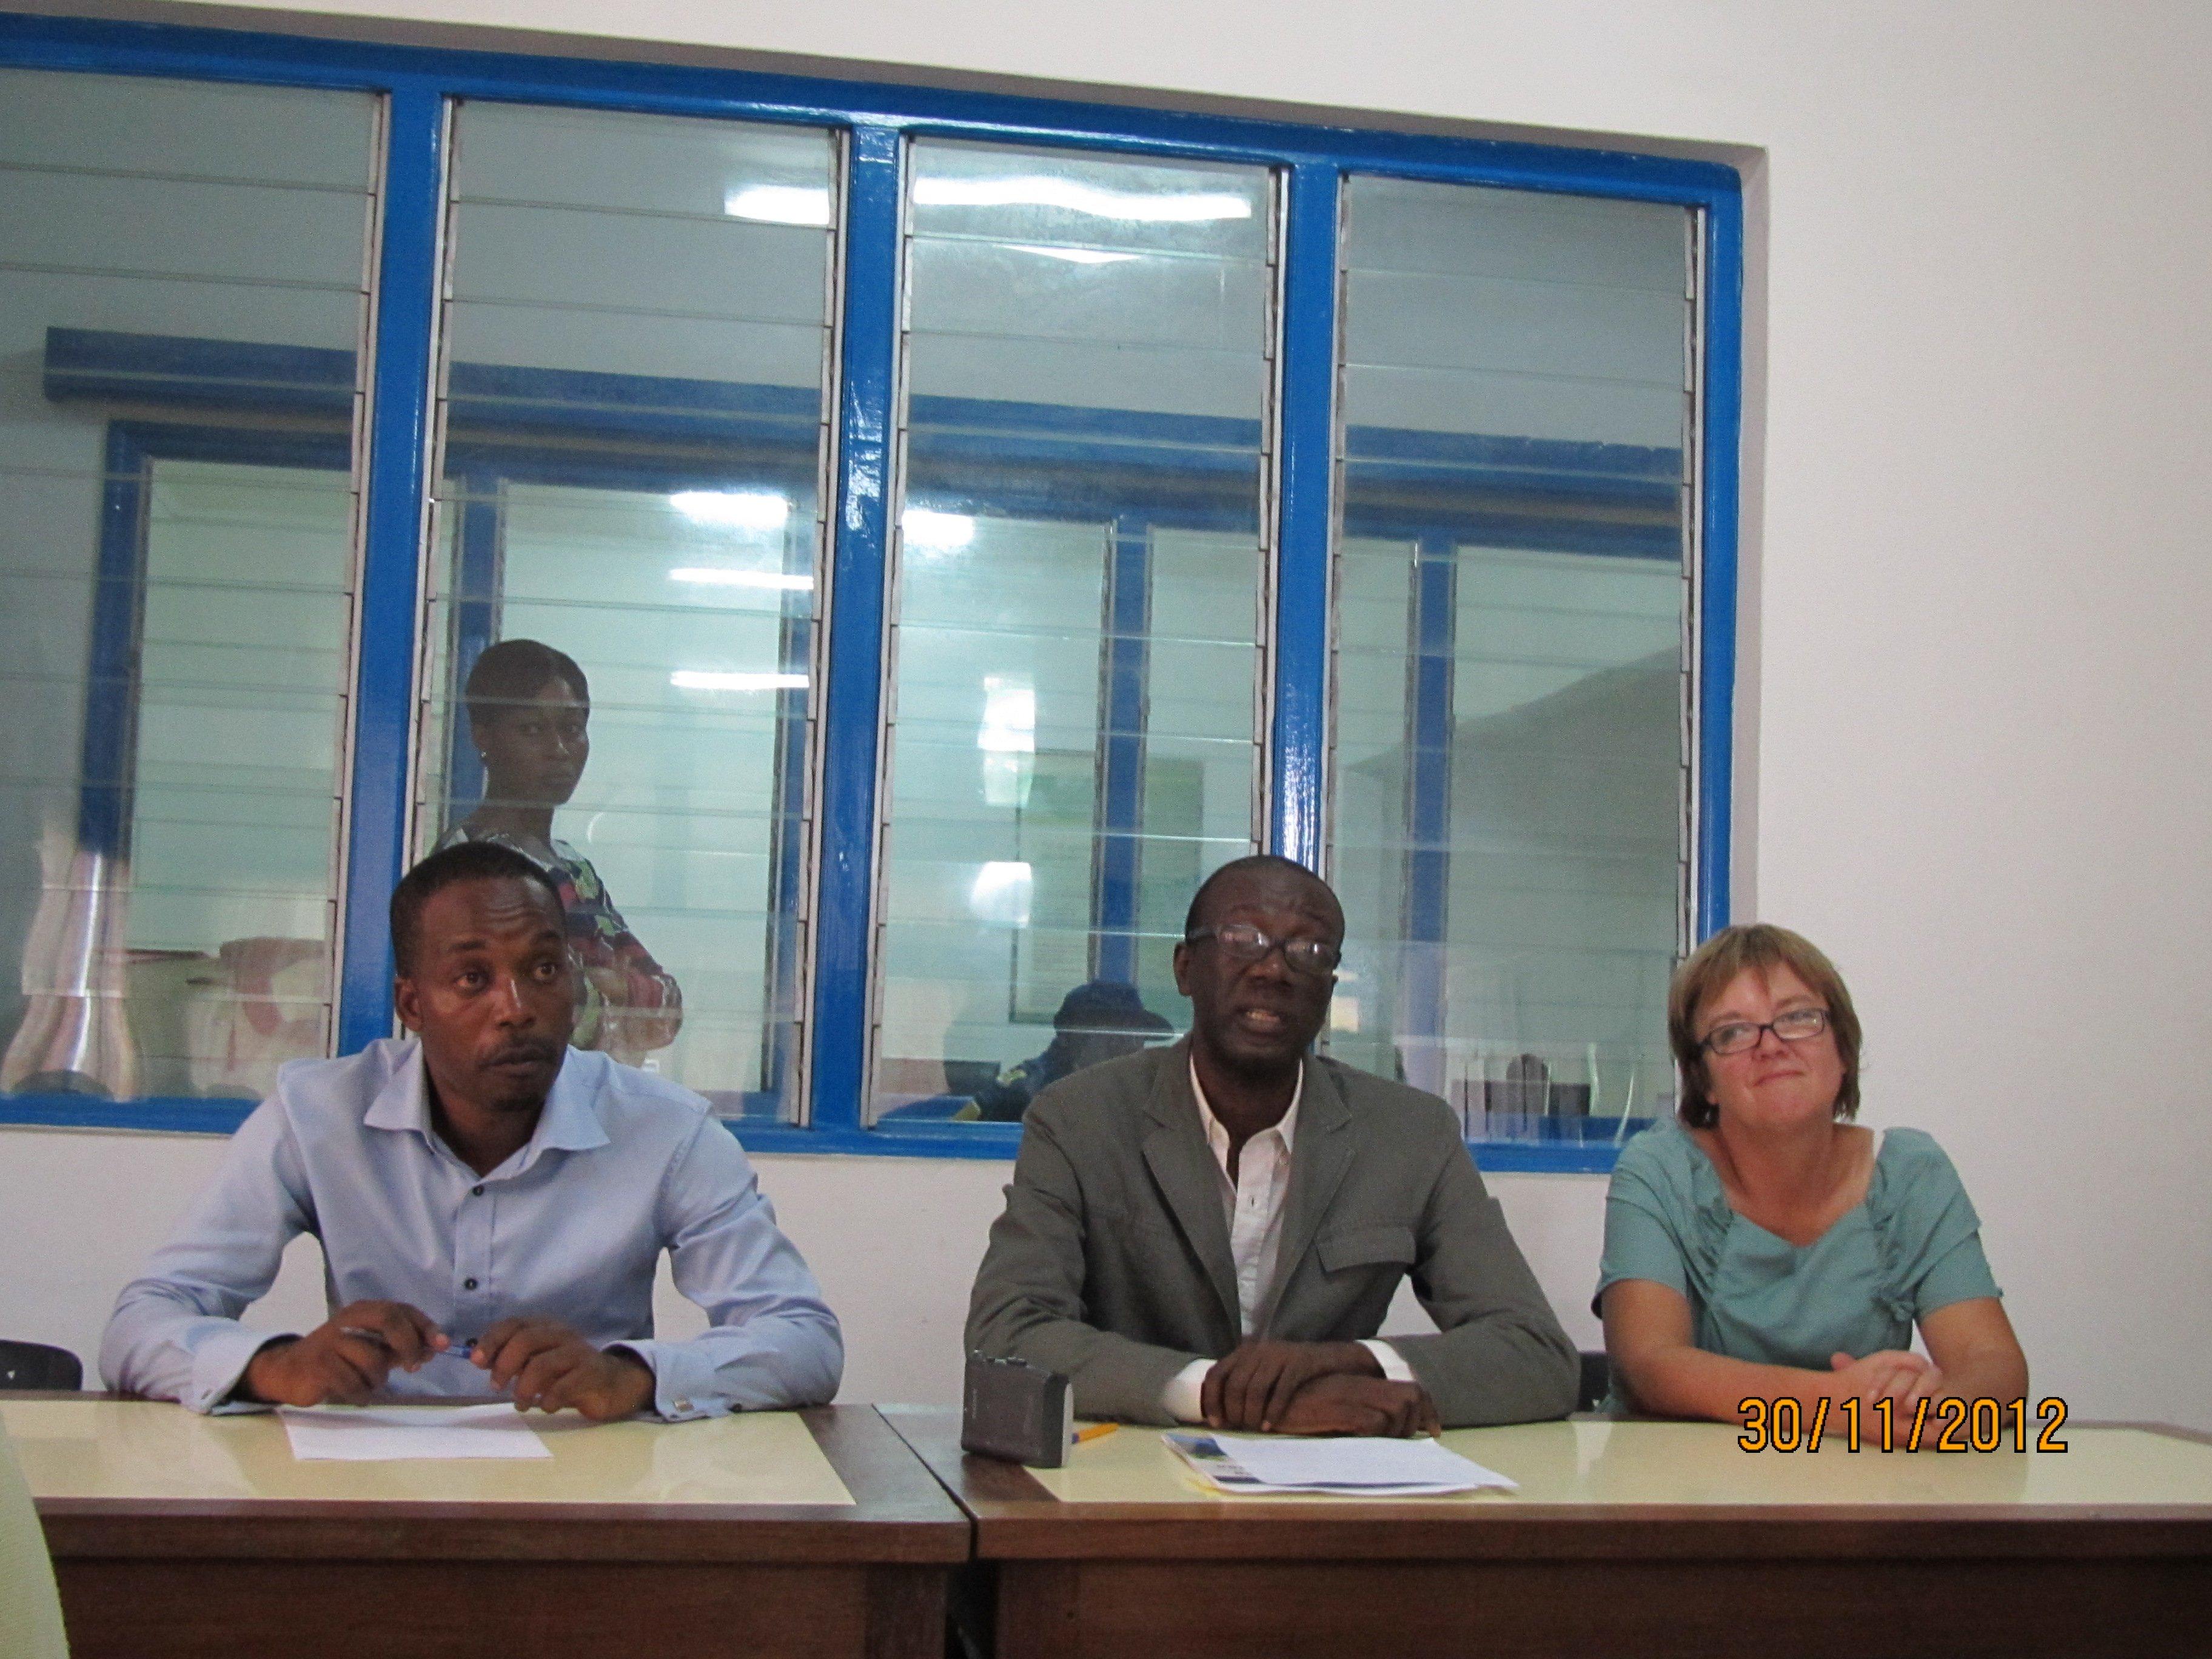 Atelier de formation sur l'identite numerique au Campus Numerique Francophone de Brazzaville dans INTERNET img_19012